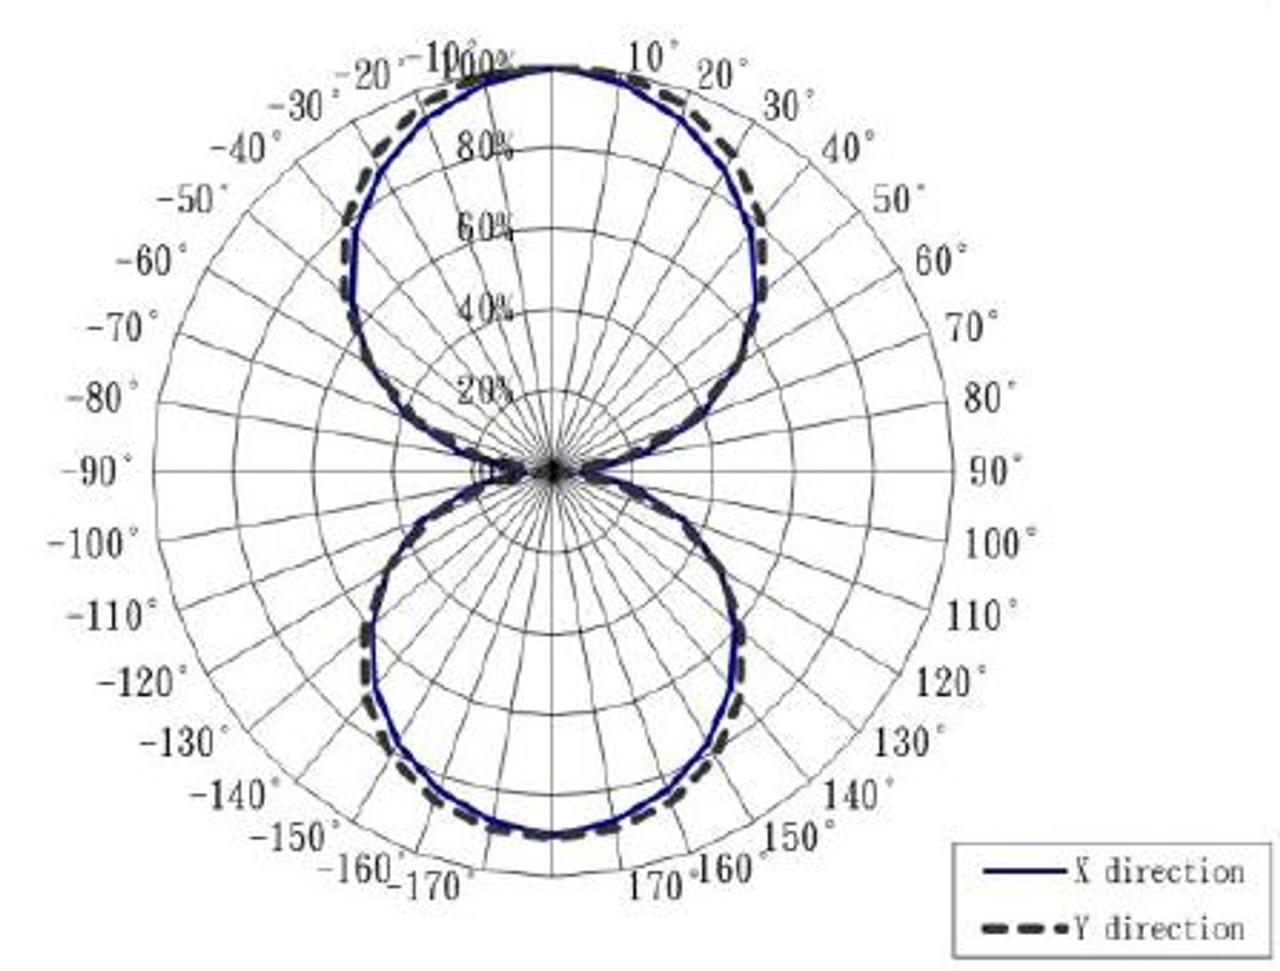 Candela plot for G4 LED bulb